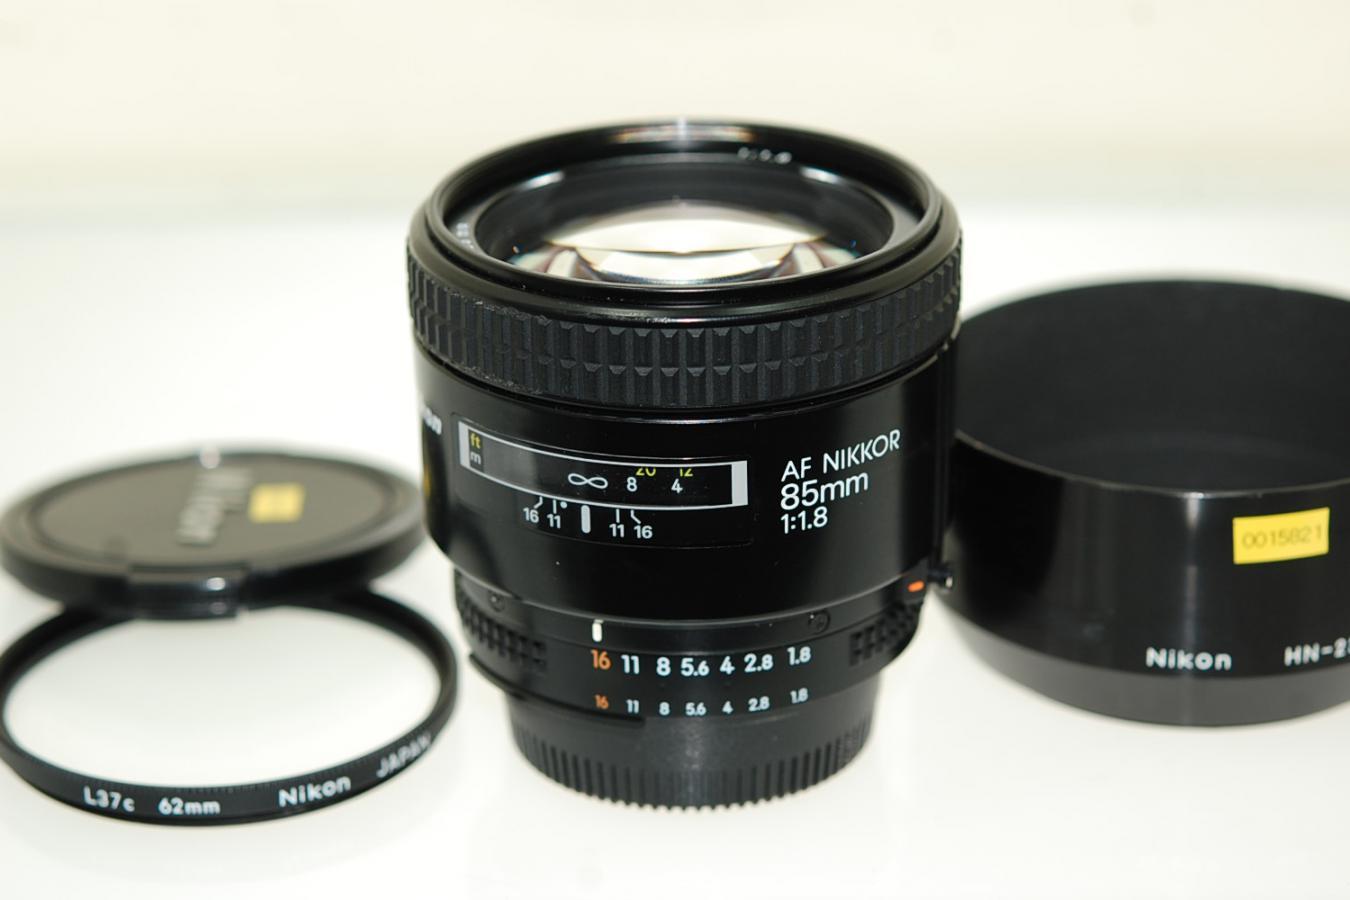 AF NIKKOR 85mm F1.8 【純正フードHN-23、62mmL37cフィルター付】